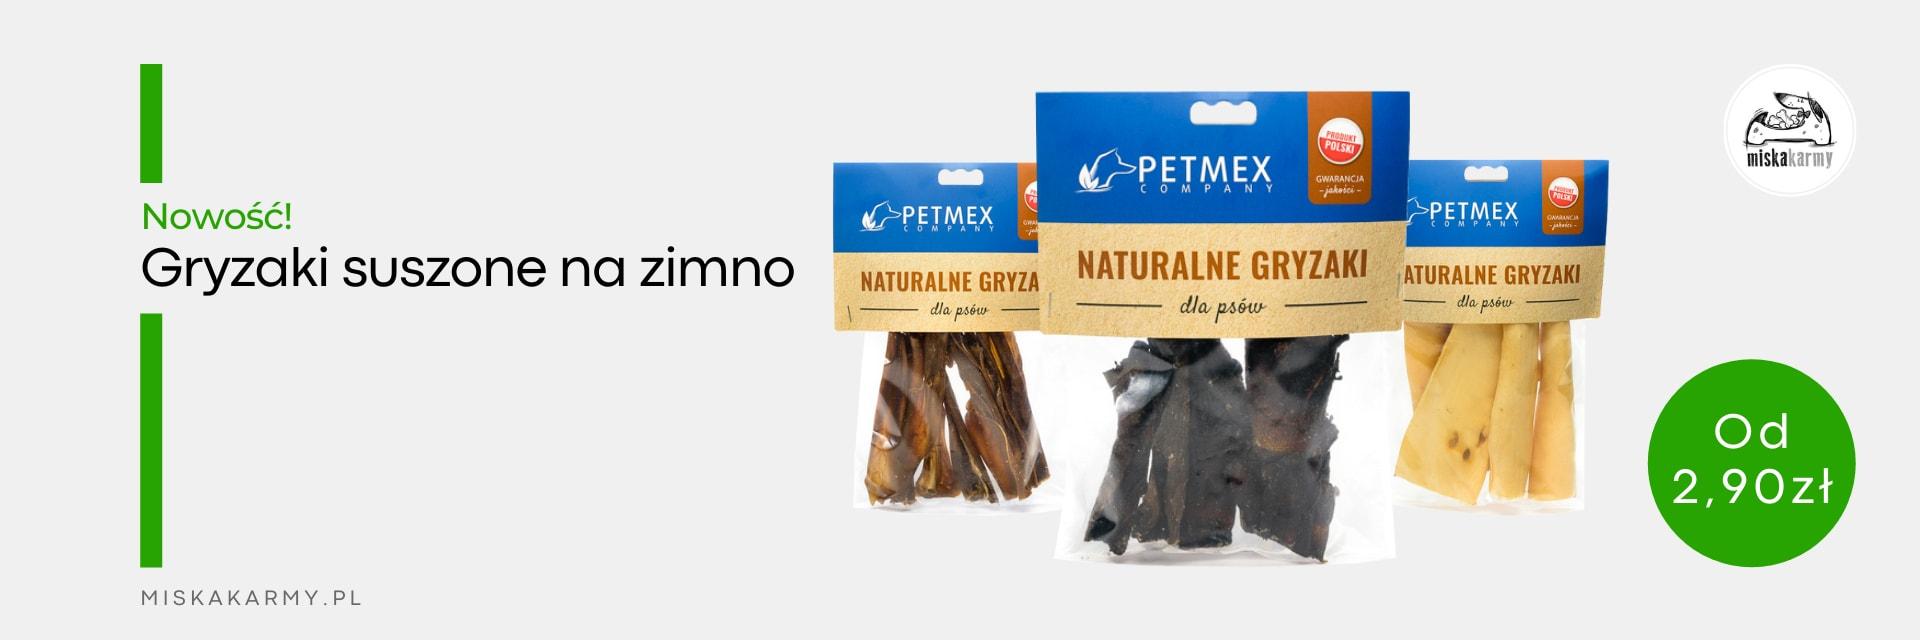 Gryzaki Petmex dla psa